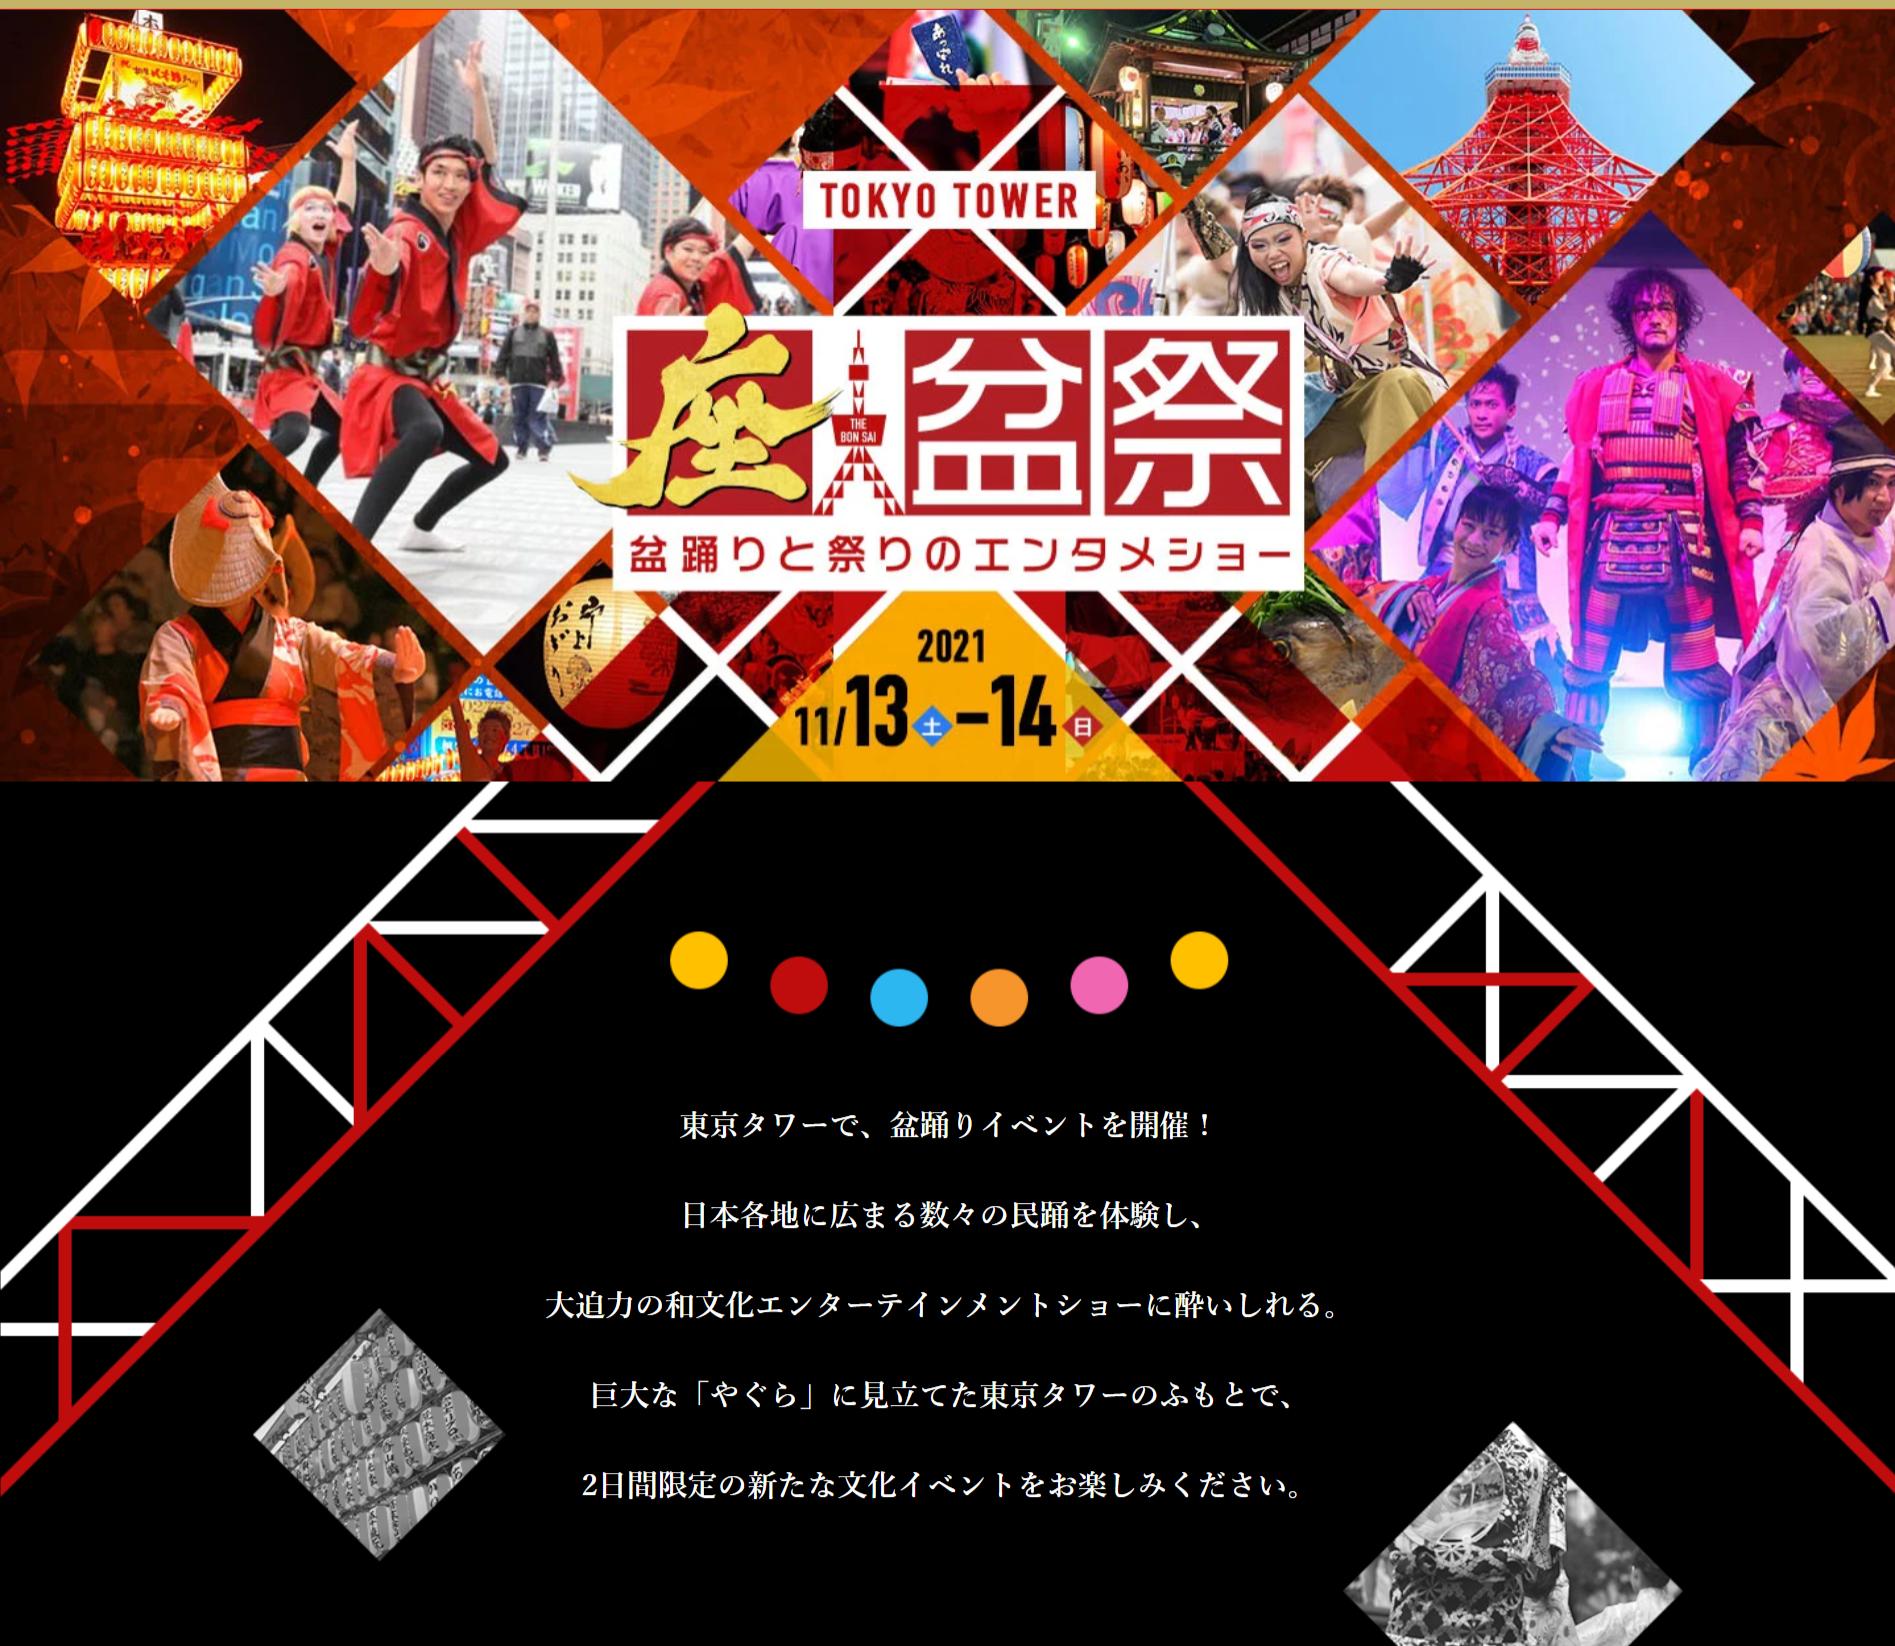 2021座盆祭タイトル画像.png